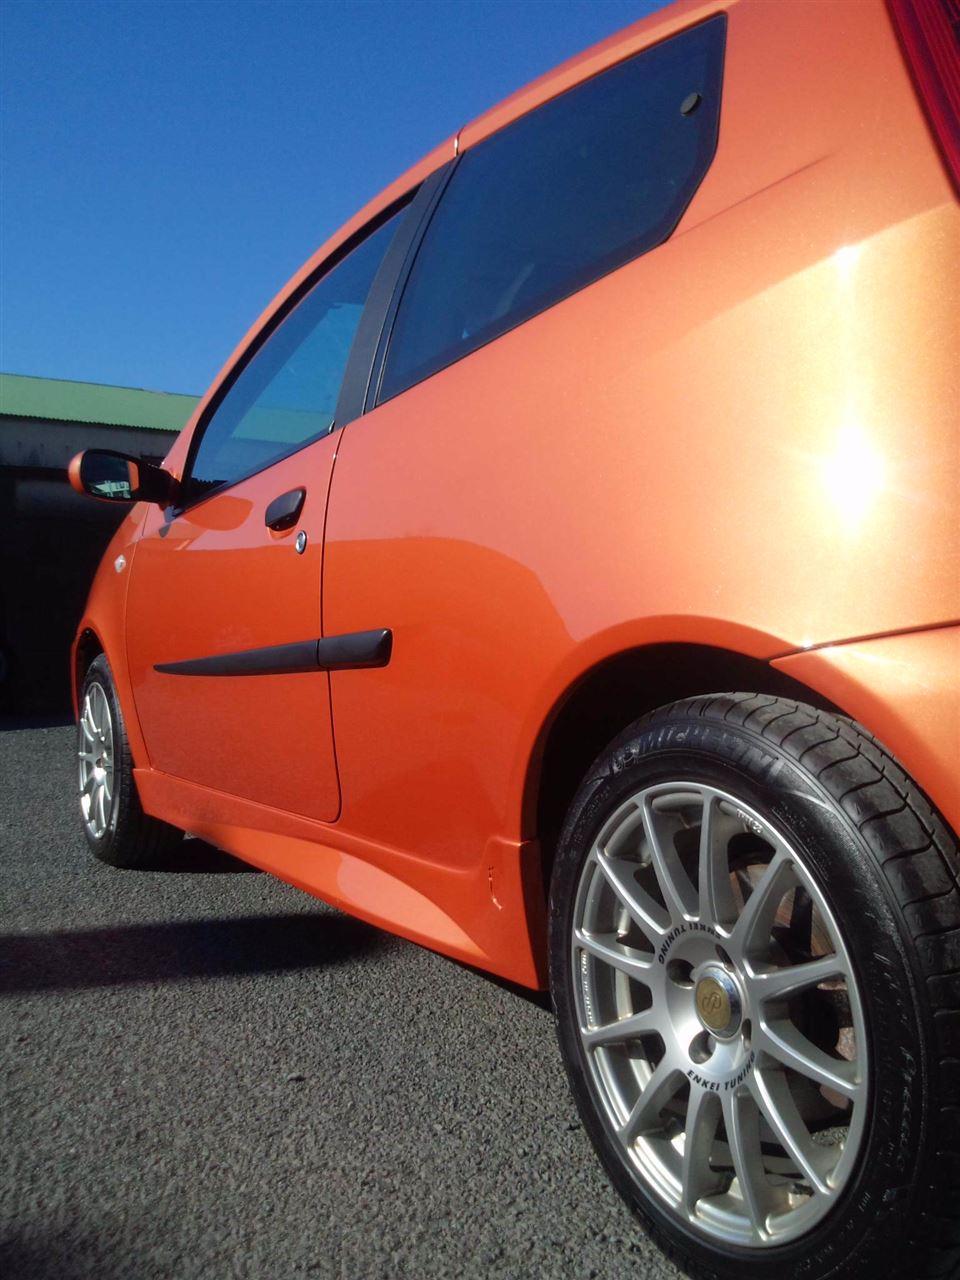 東京都立川市の車の板金塗装修理工場 ガレージローライドのフィアット プント のオールペイント オールペン 全塗装 です。